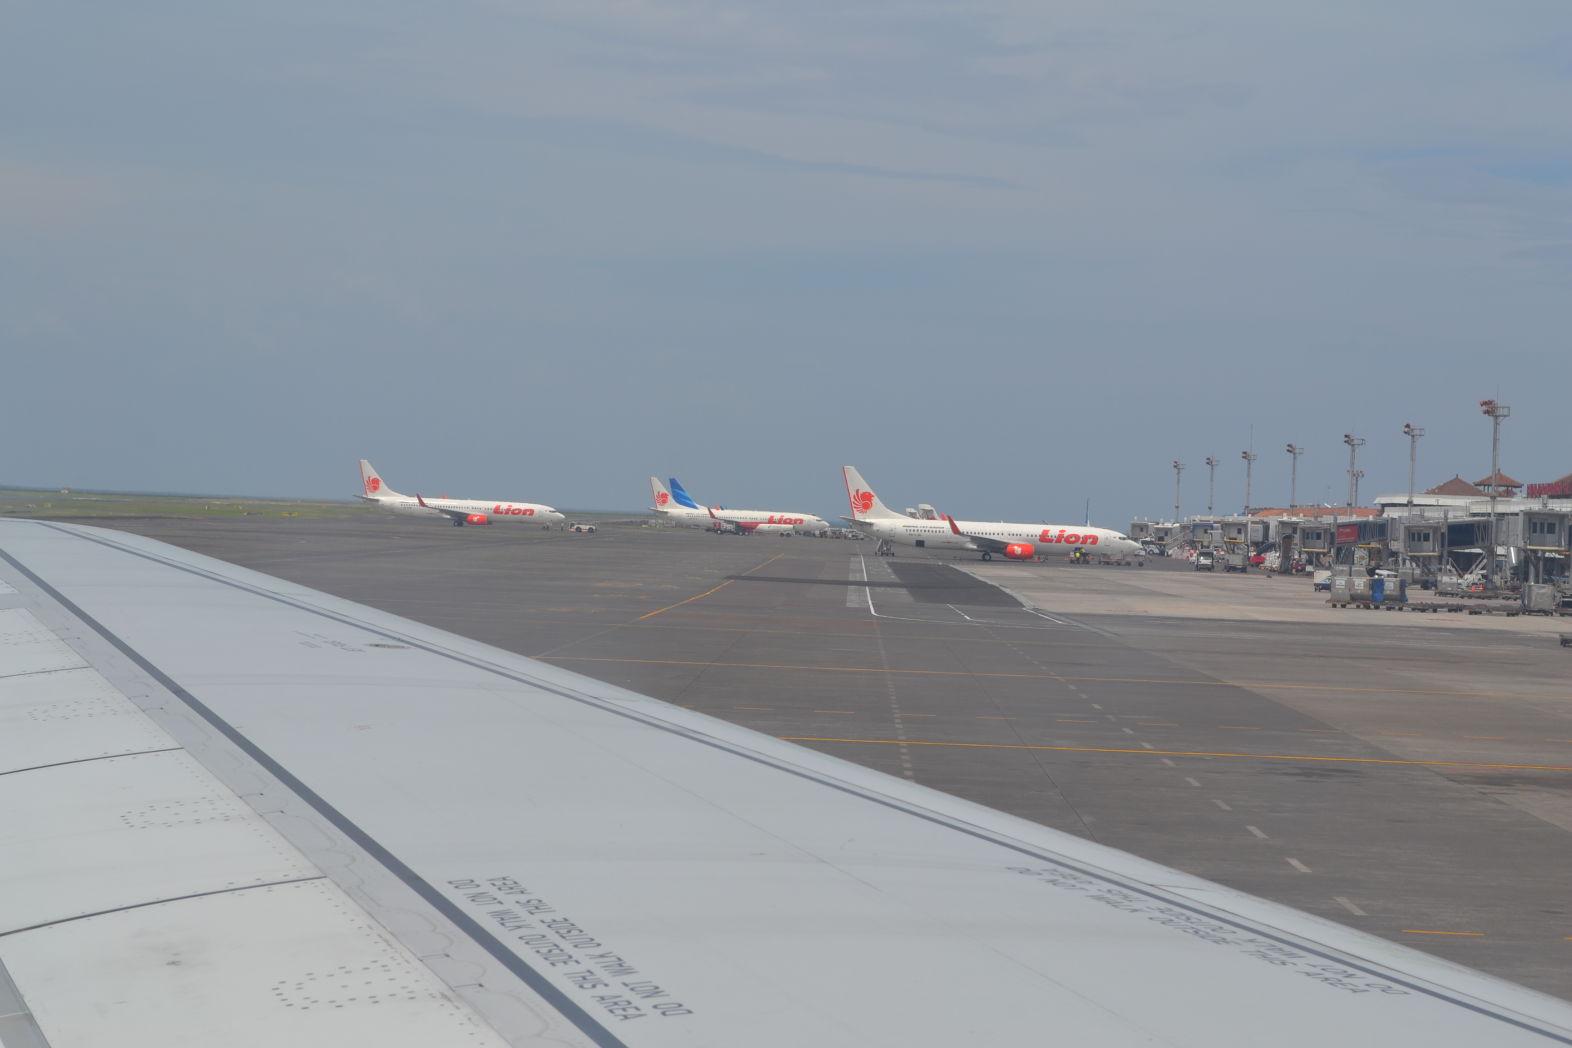 Companii aeriene low cost rivale